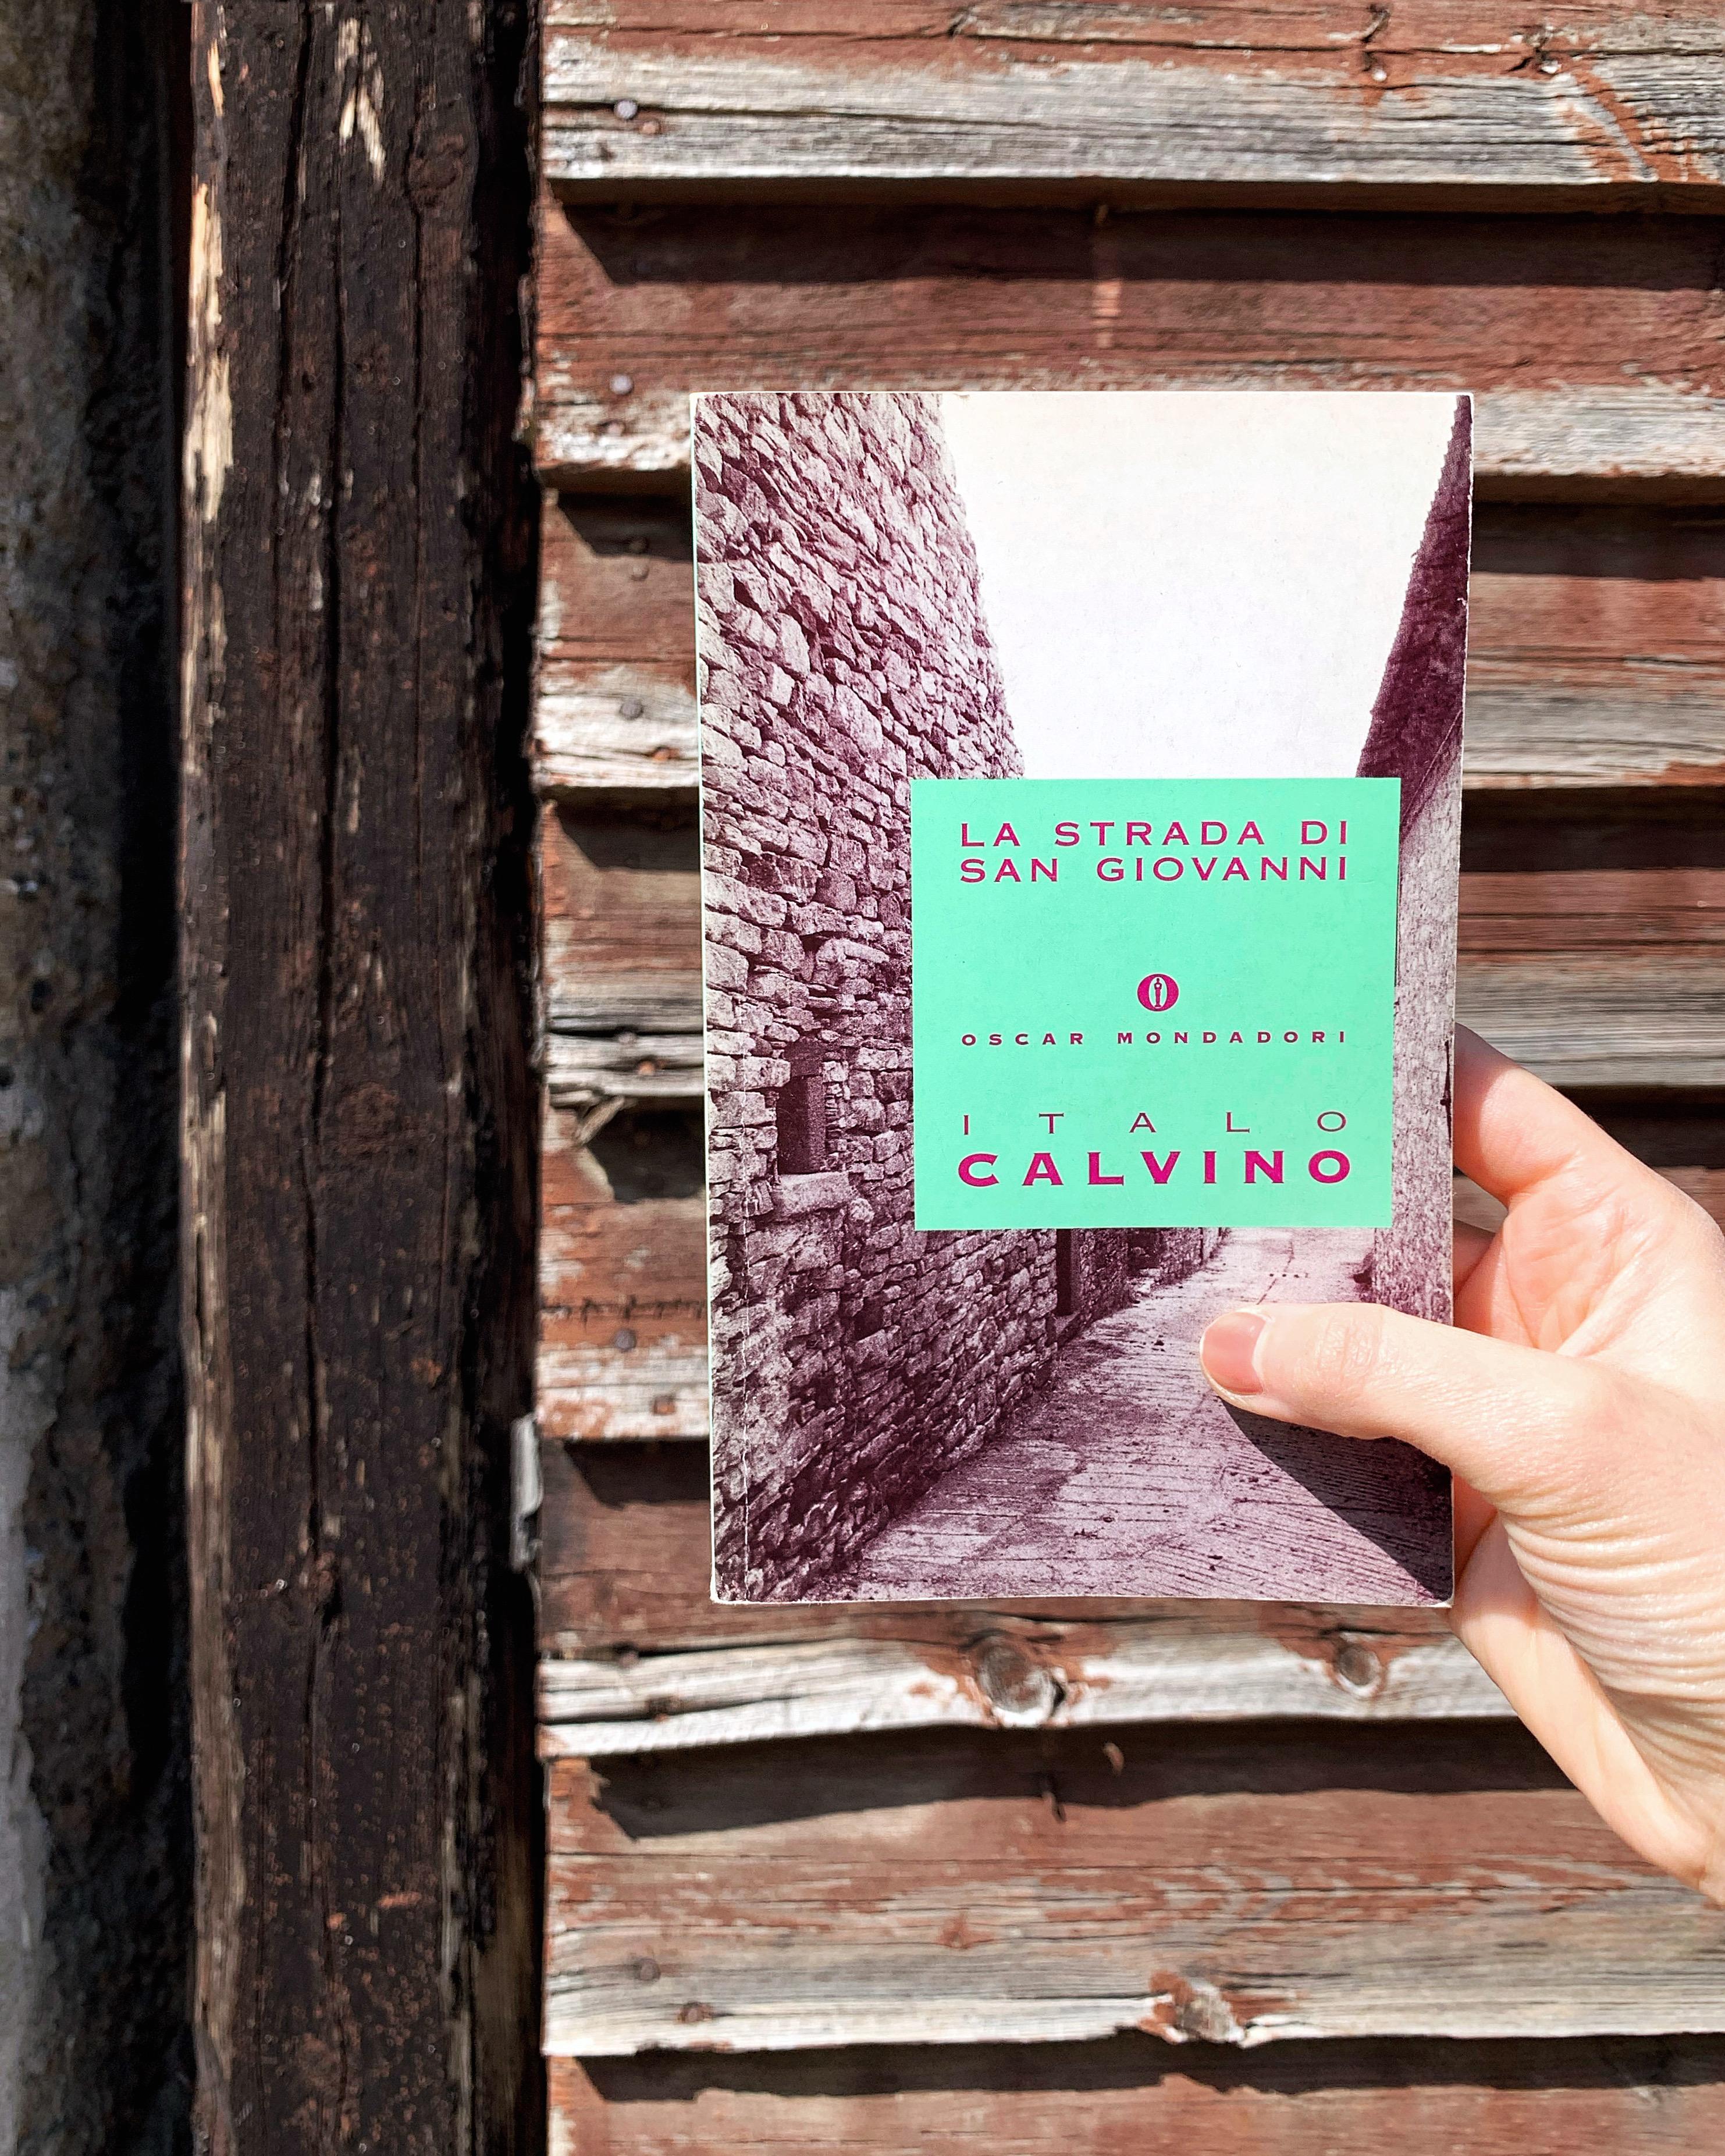 Italo Calvino, La strada di San Giovanni